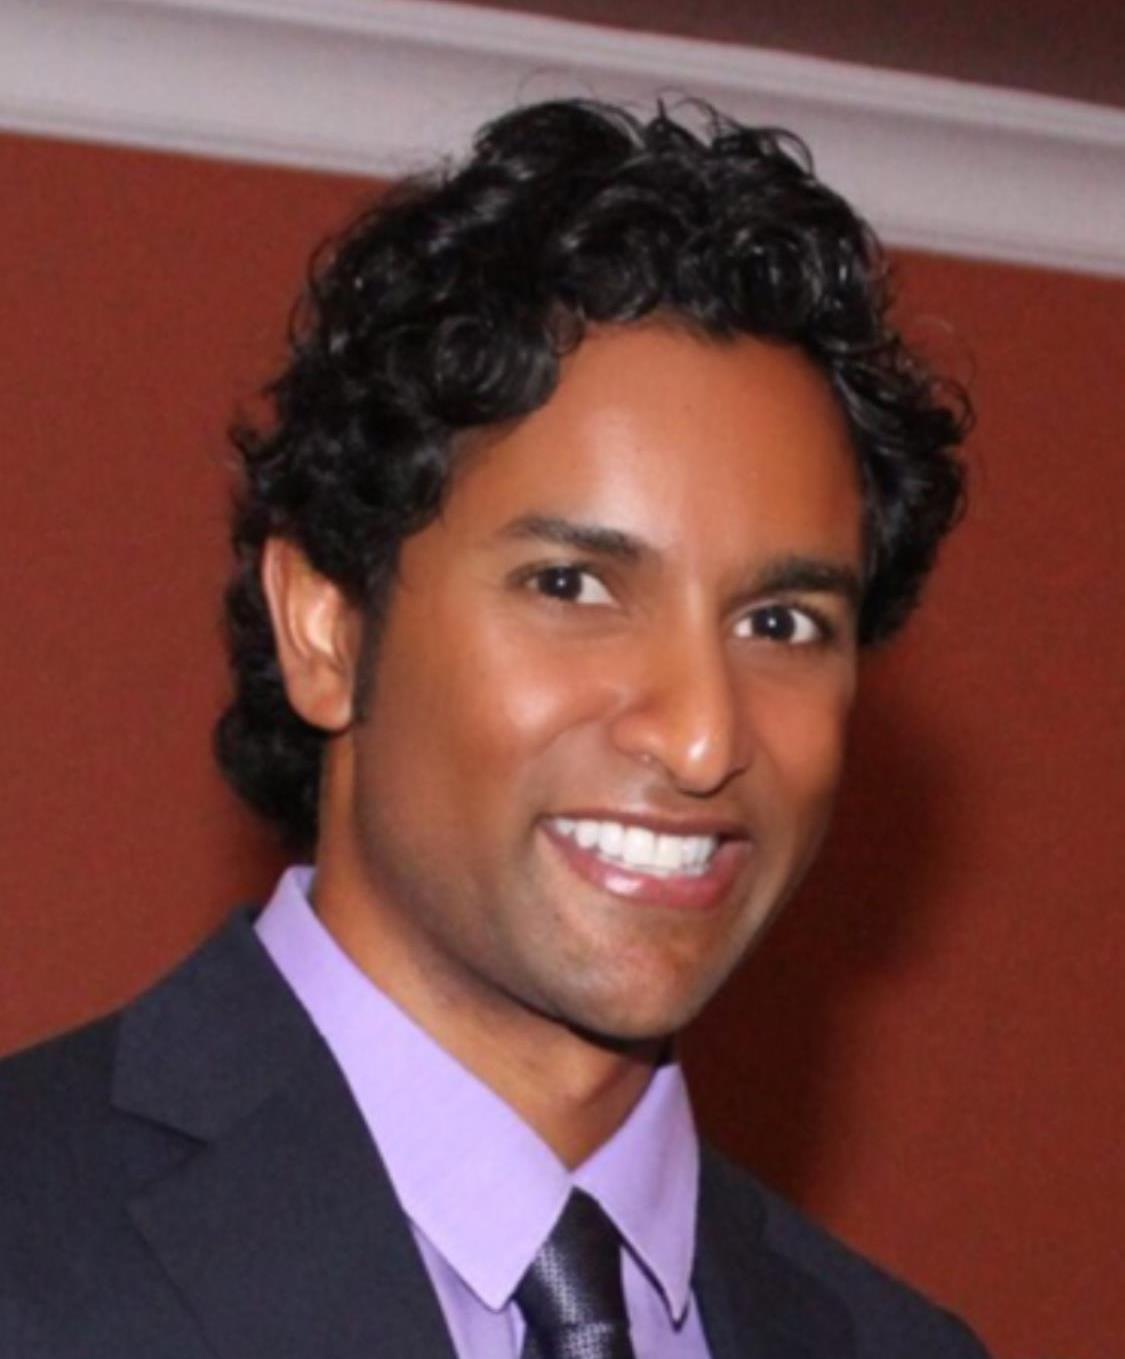 Rajakumar, Derek | Department of Pediatrics | University of